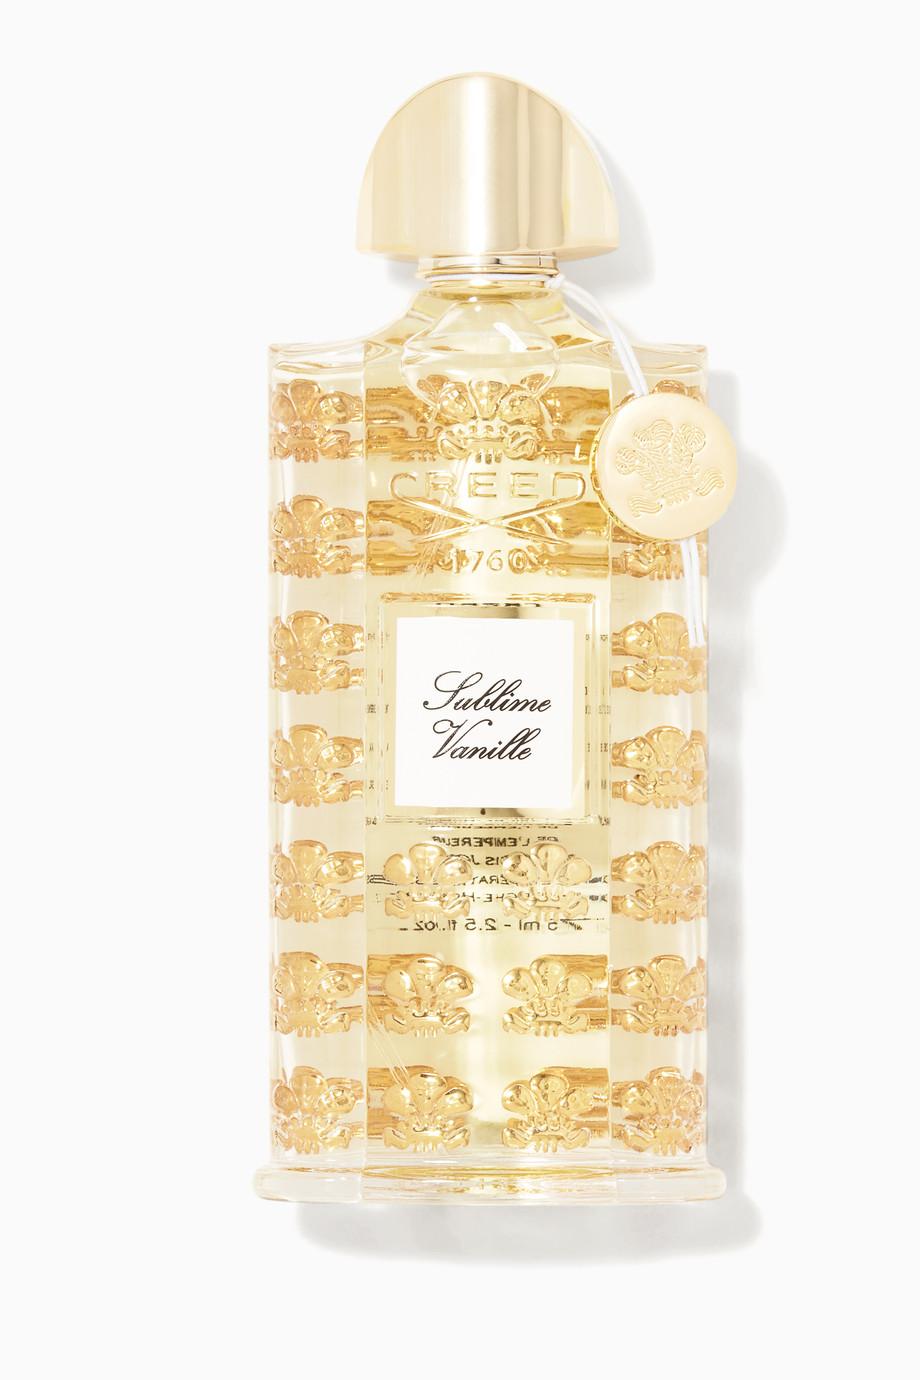 Shop Creed Multicolour Sublime Vanille Eau De Parfum 75ml For Women